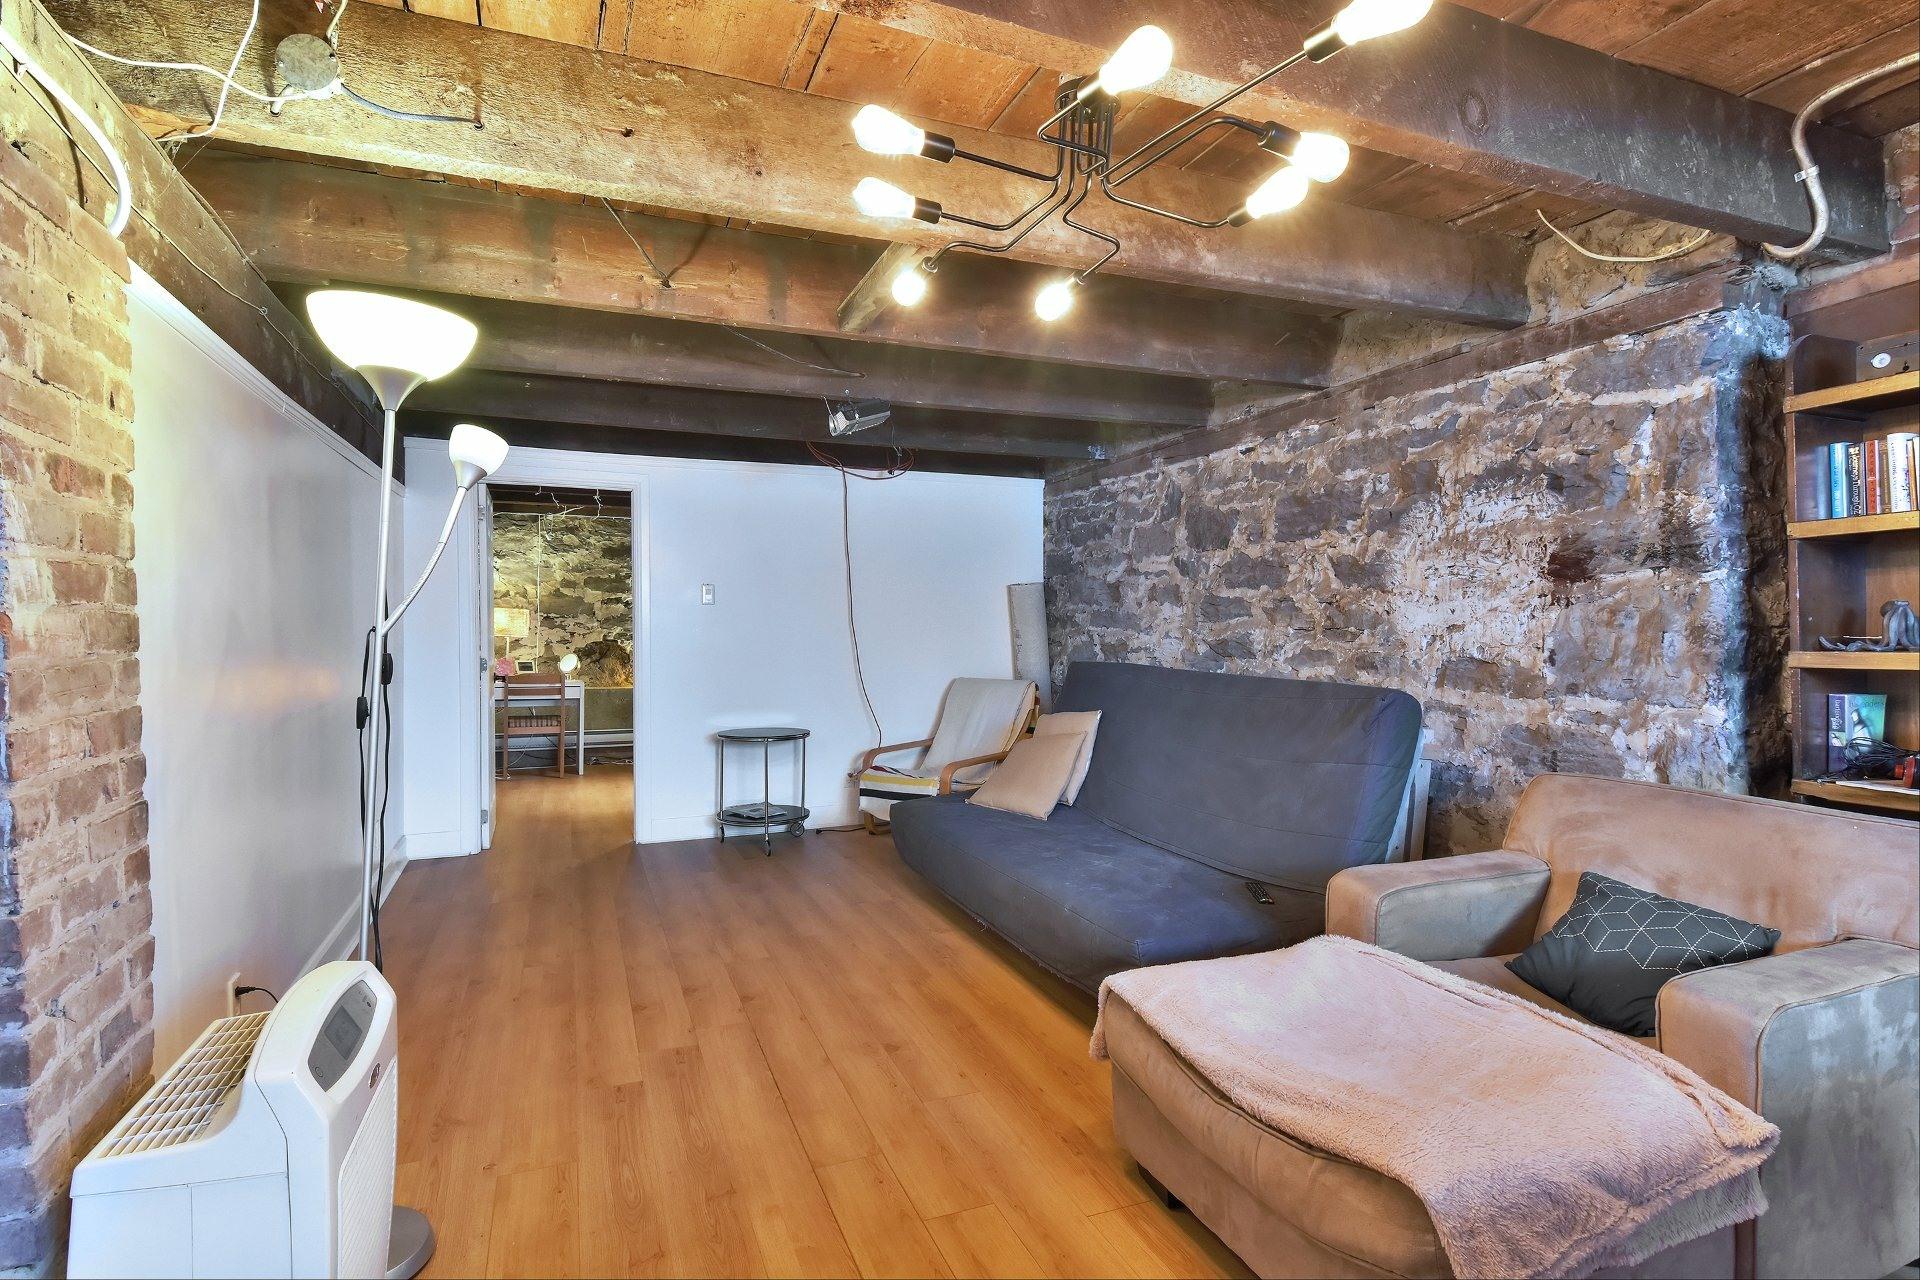 image 30 - Apartment For sale Côte-des-Neiges/Notre-Dame-de-Grâce Montréal  - 7 rooms